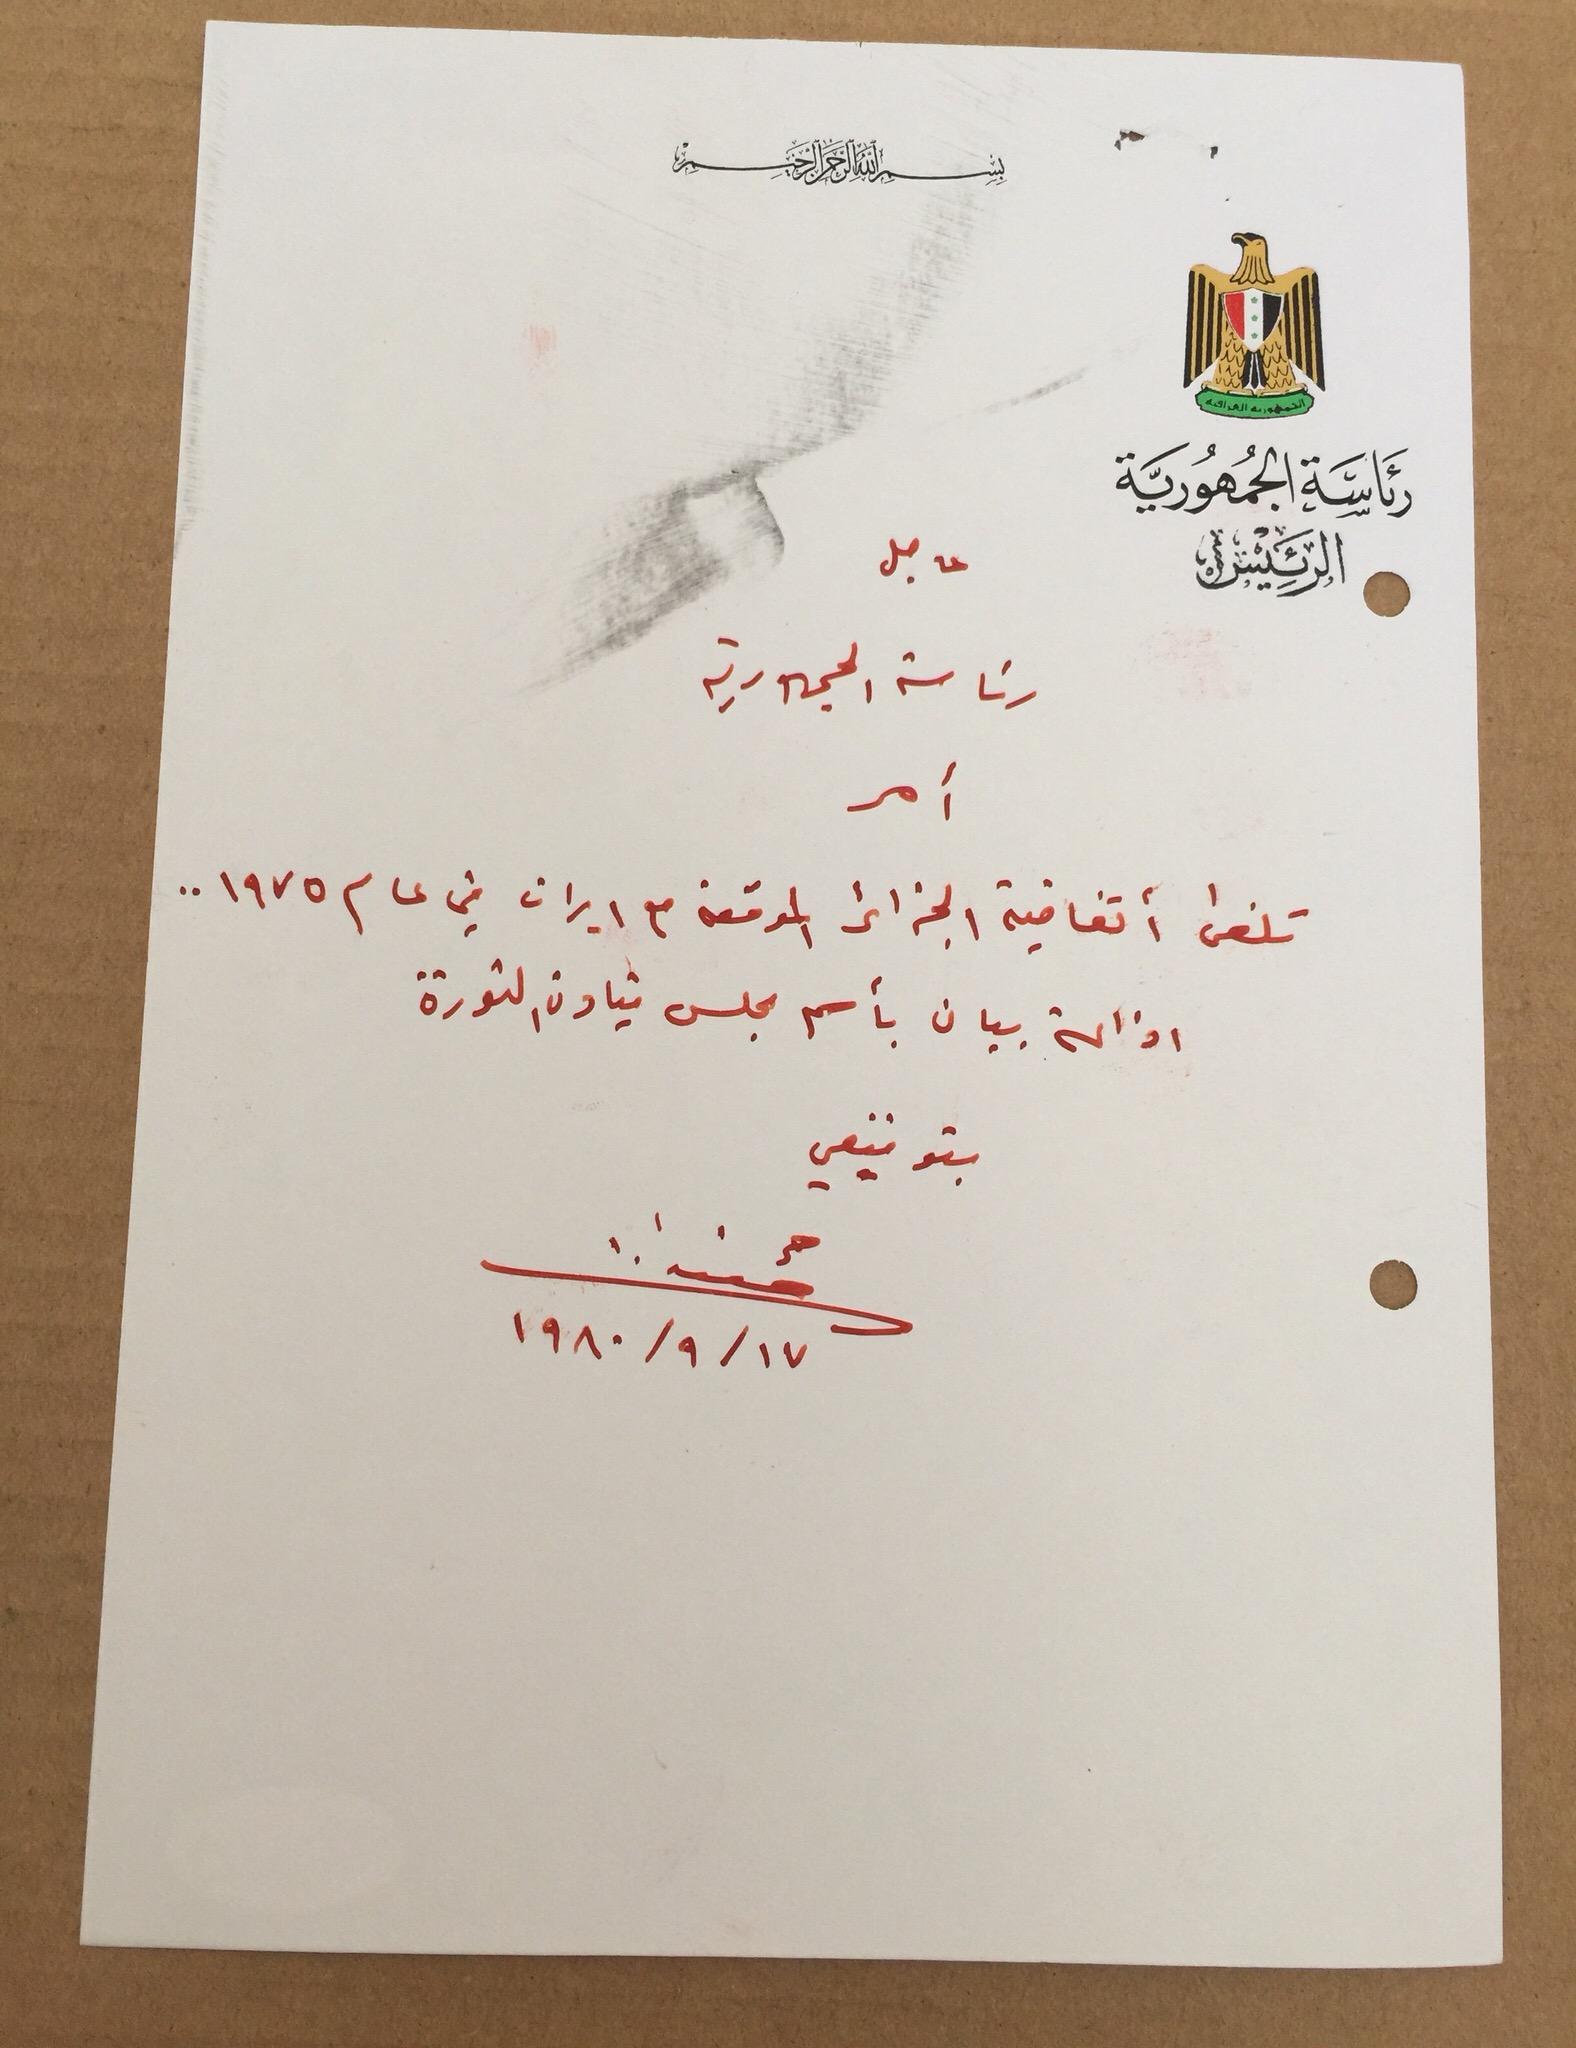 The Orient Treasures - Autograph Handwritten Document Saddam Hussein Cancelled Algeria Treaty Iran Iraq صدام حسين يلغي اتفاقية الجزائر الموقعة مع ايران